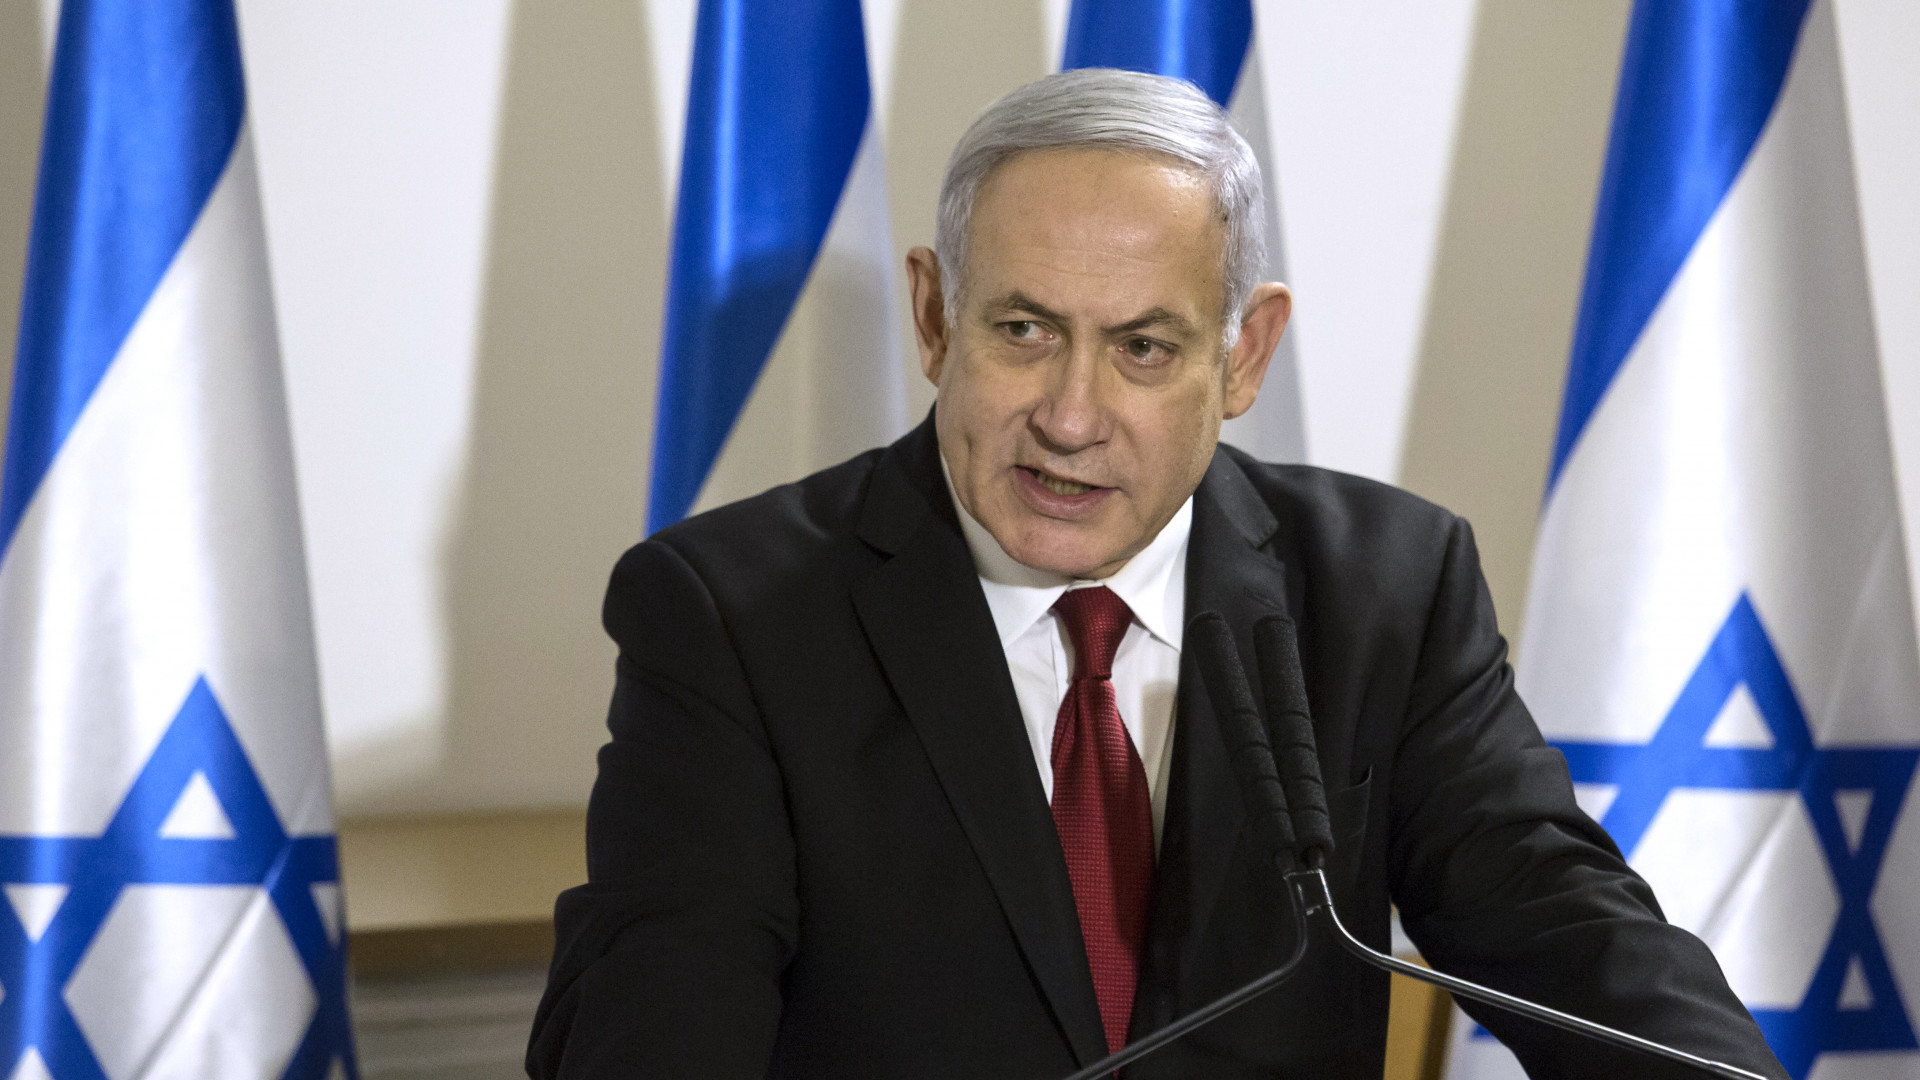 Lejárt a határidő: nem sikerült kormányt alakítania Benjámin Netanjahunak